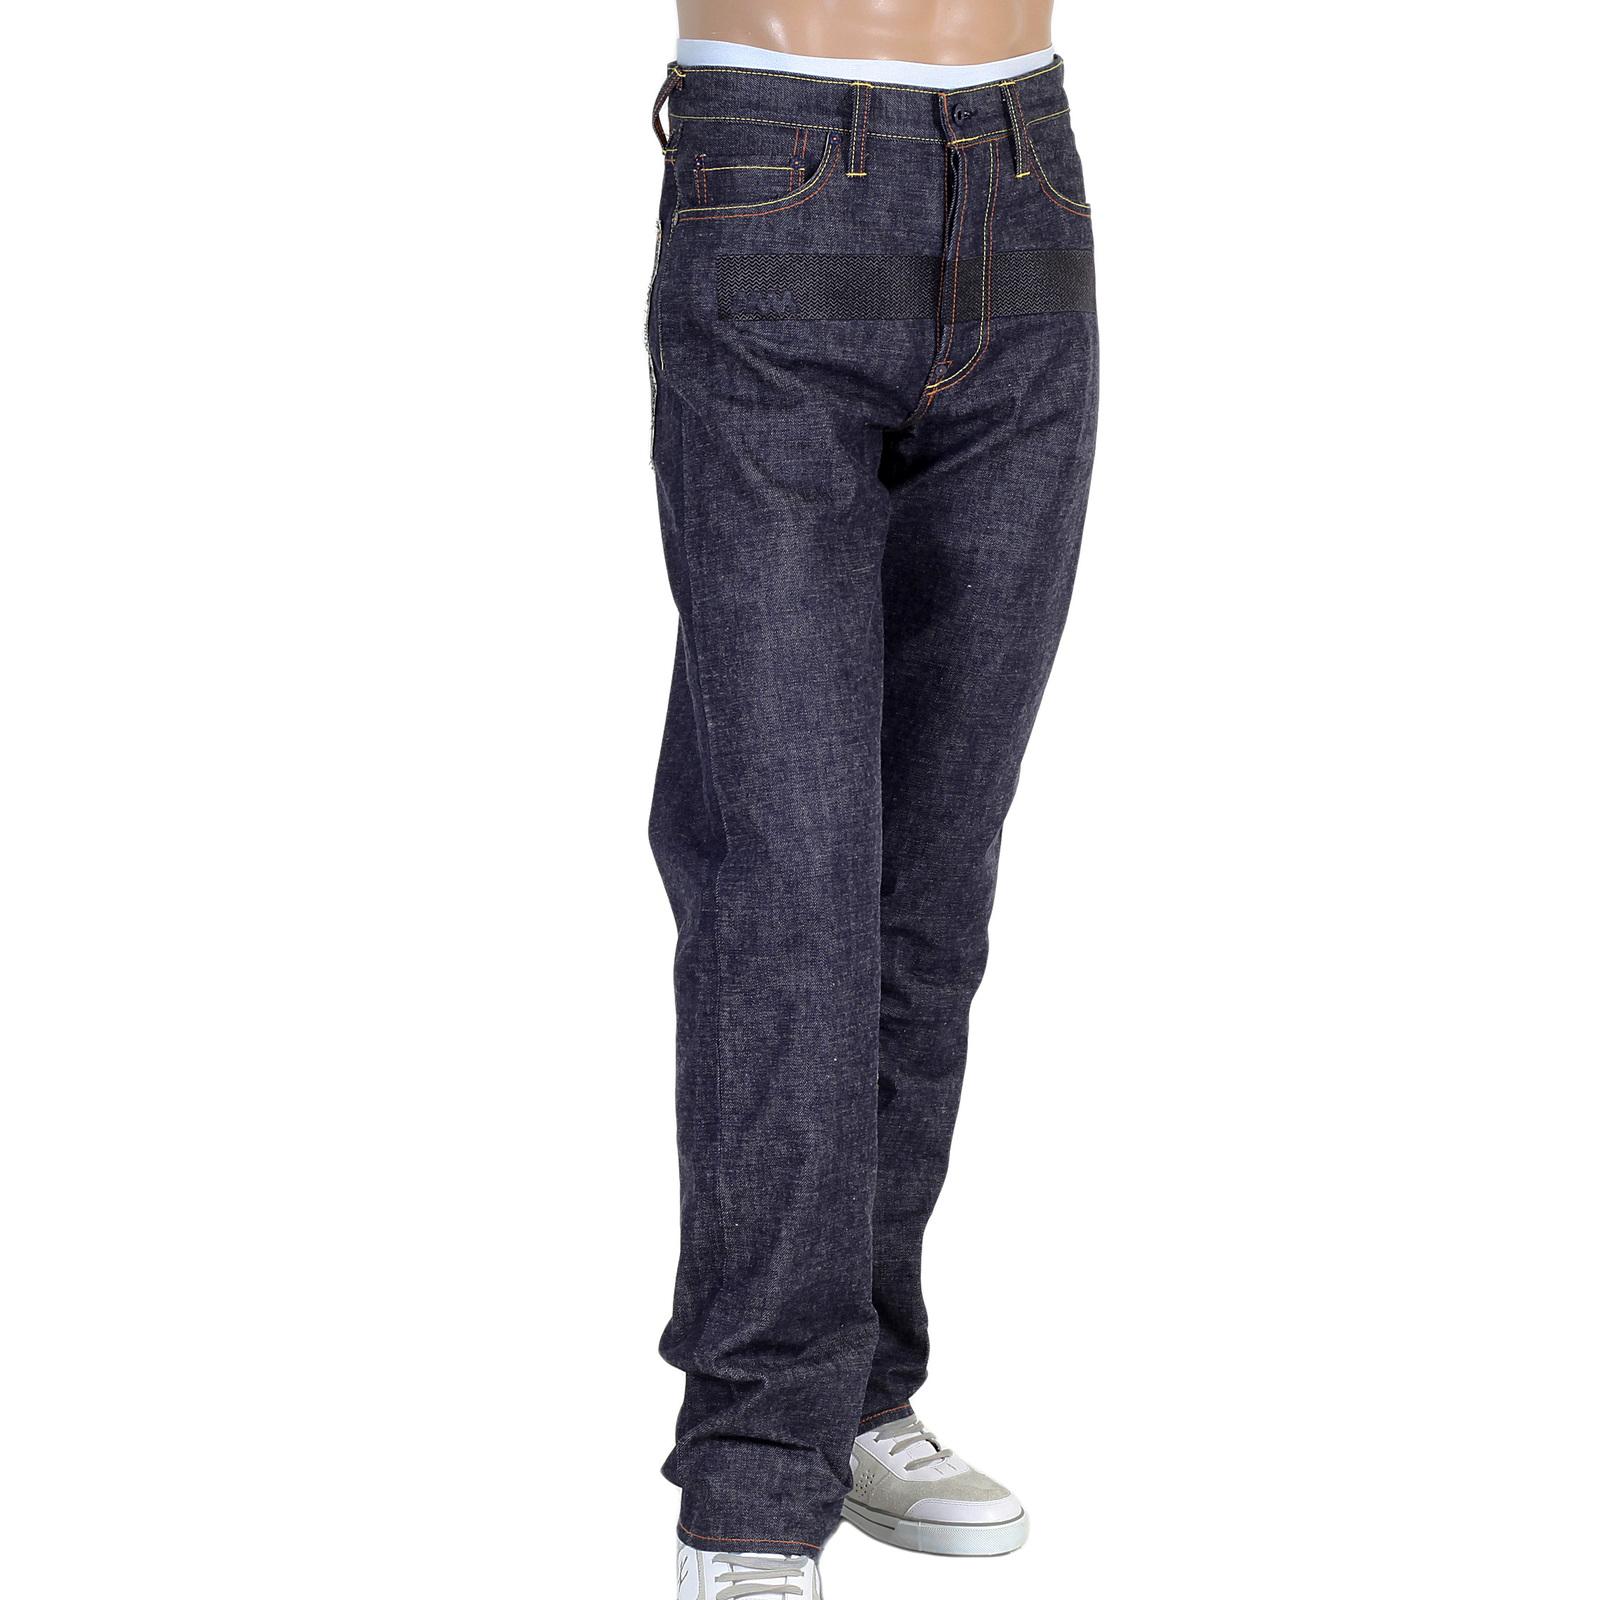 Buy Raw Selvedge Indigo Denim Red Monkey Jeans for Men